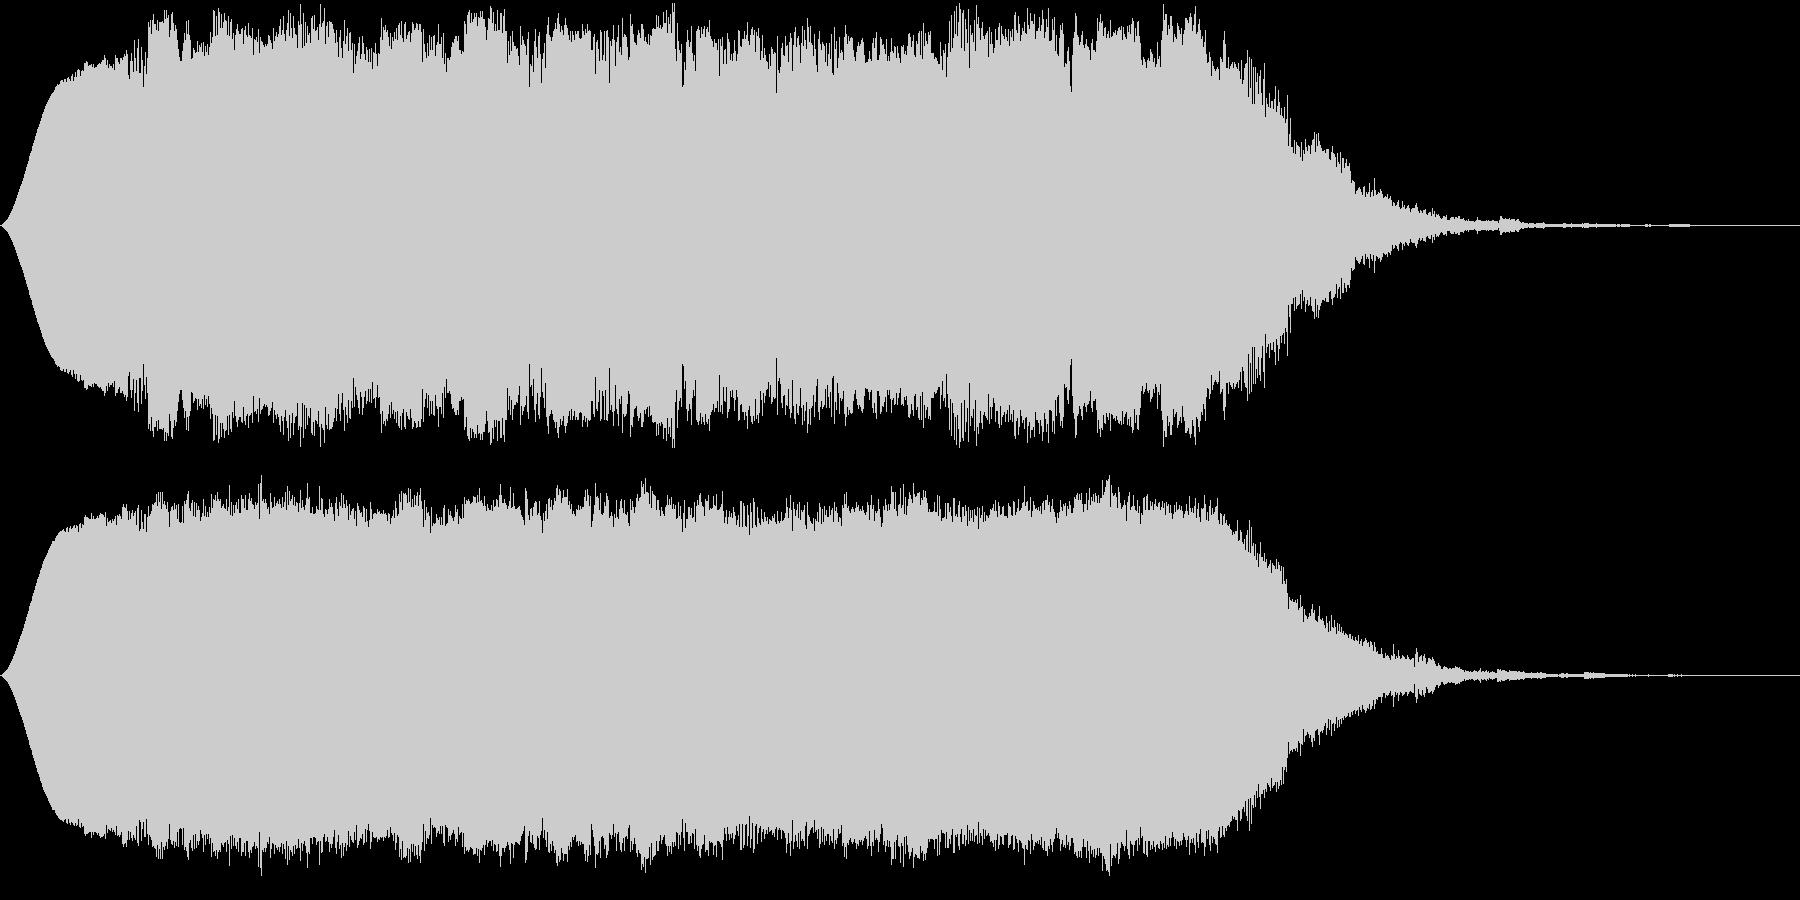 SFな昔のコンピューターの考え中の音の未再生の波形